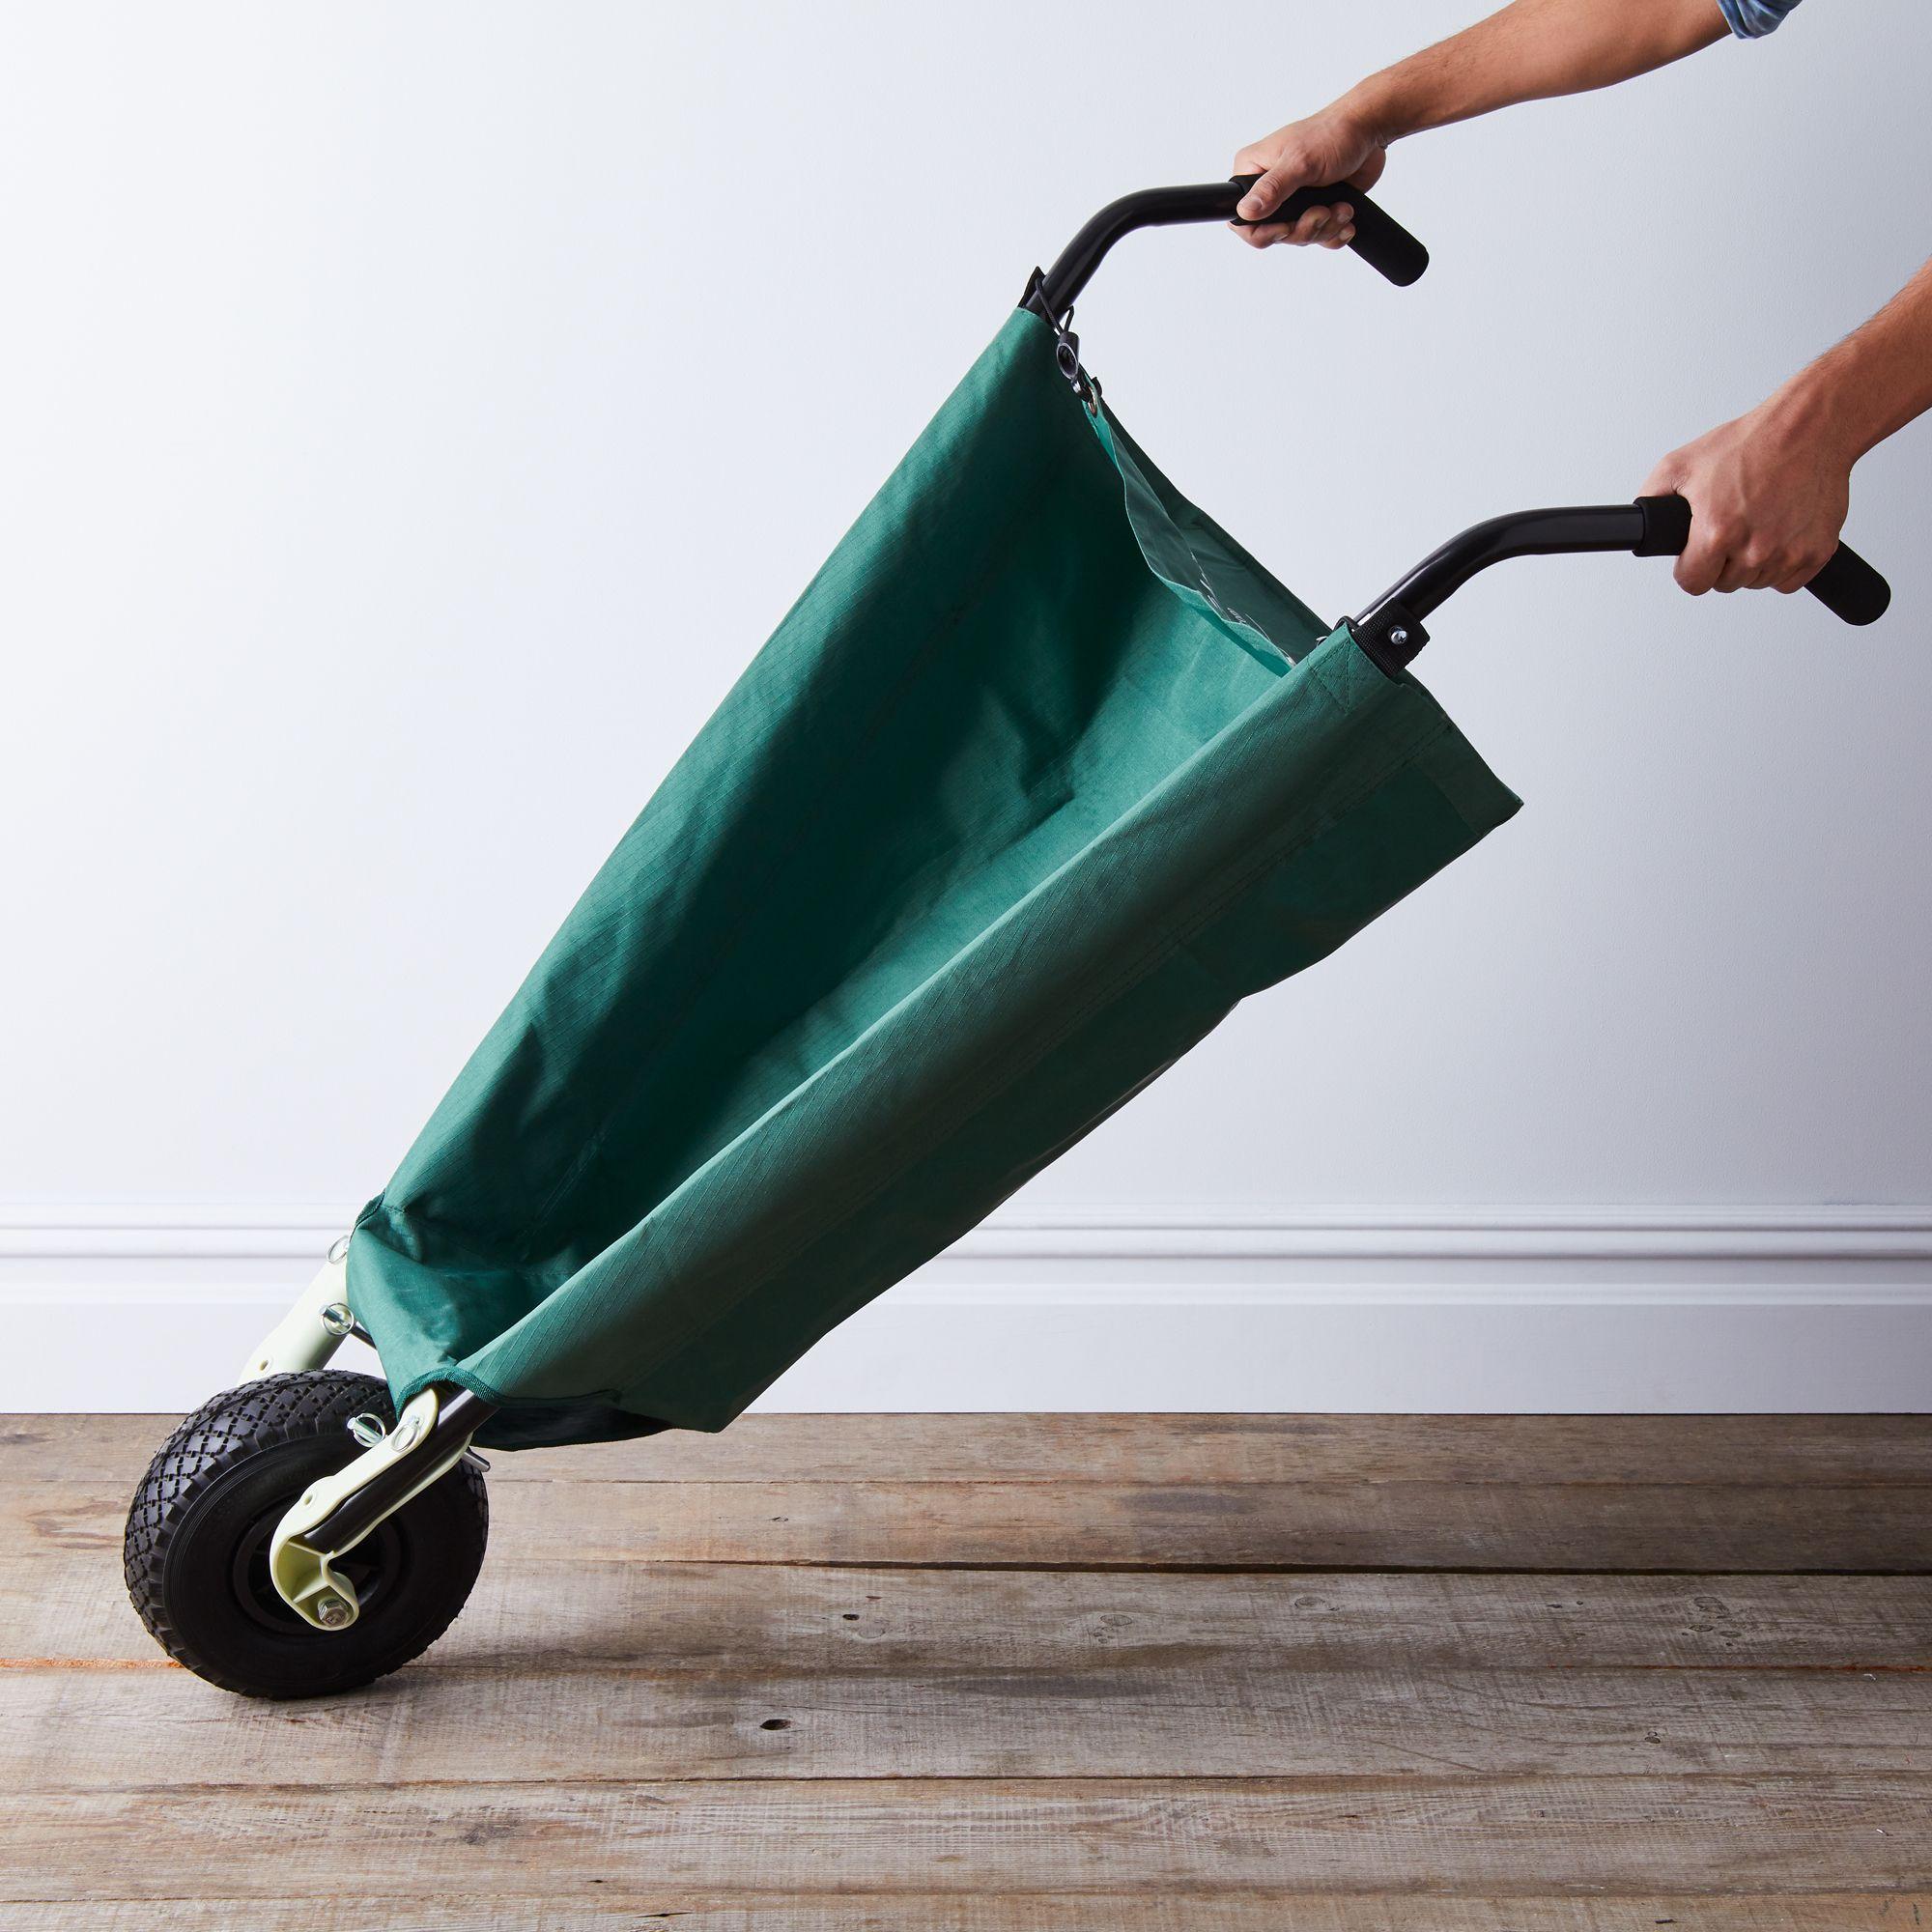 spring gardening 12 collapsible wheelbarrow